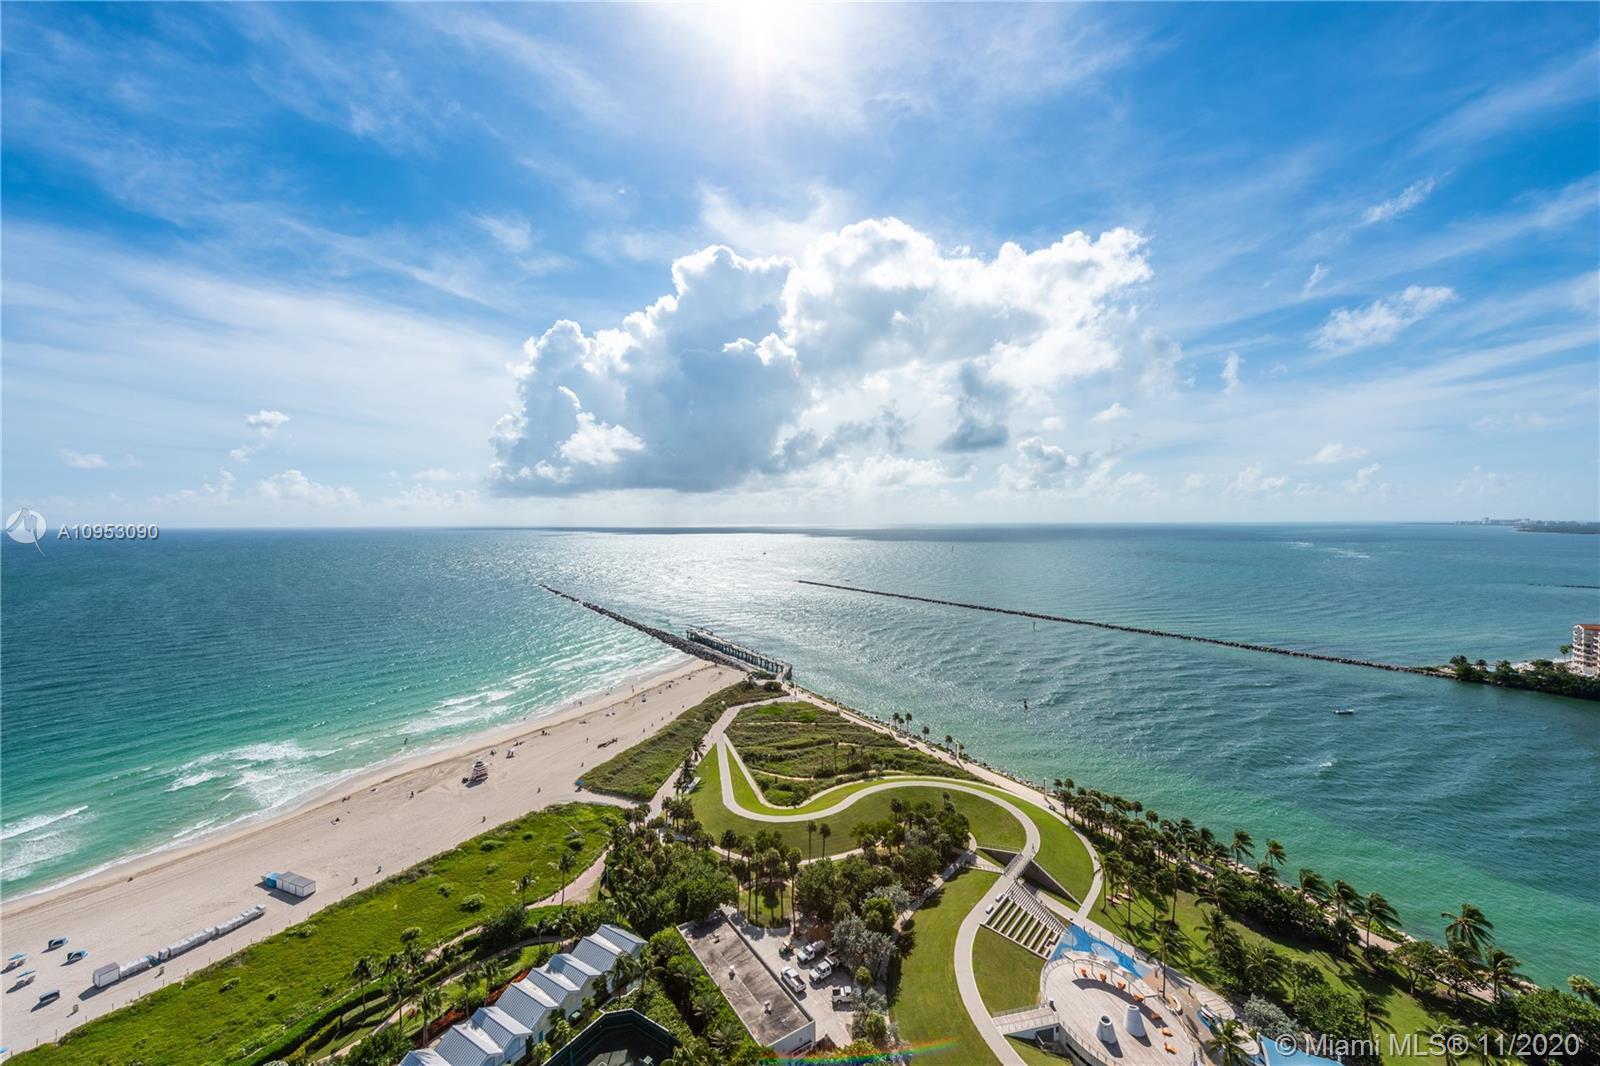 100 Pointe dr-2705 miami-beach-fl-33139-a10953090-Pic01